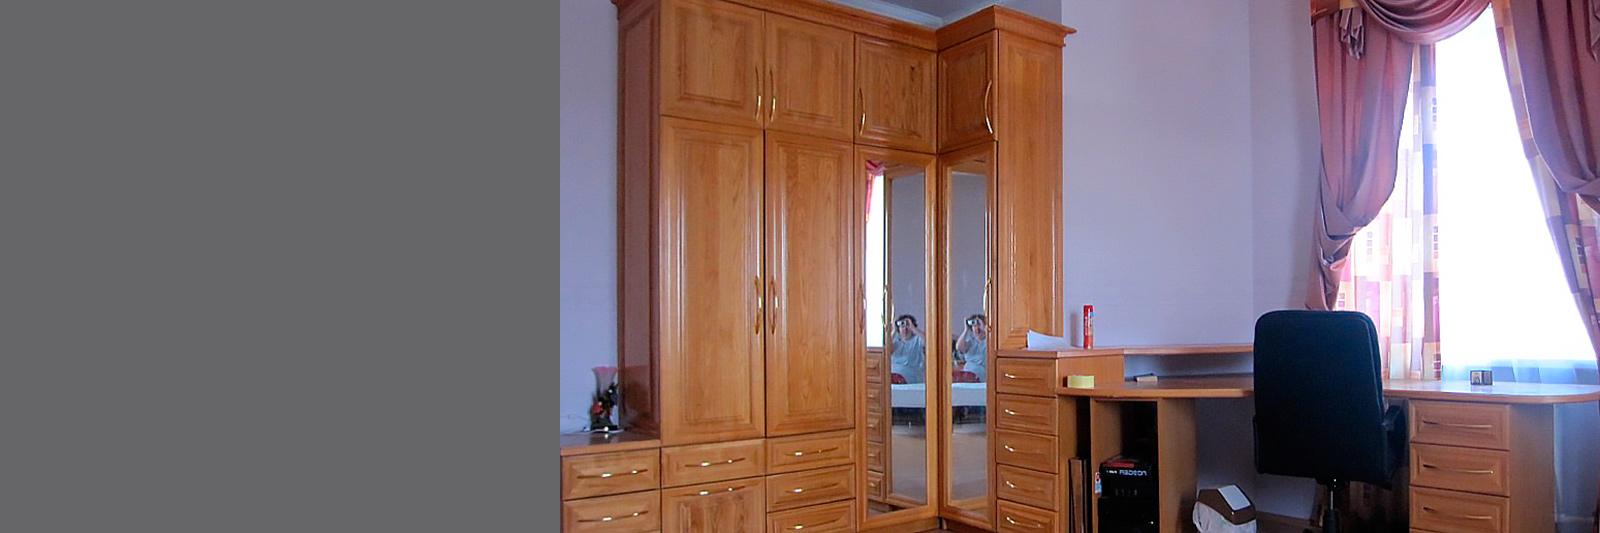 Мебель в домашний кабинет на заказ по индивидуальным размерам